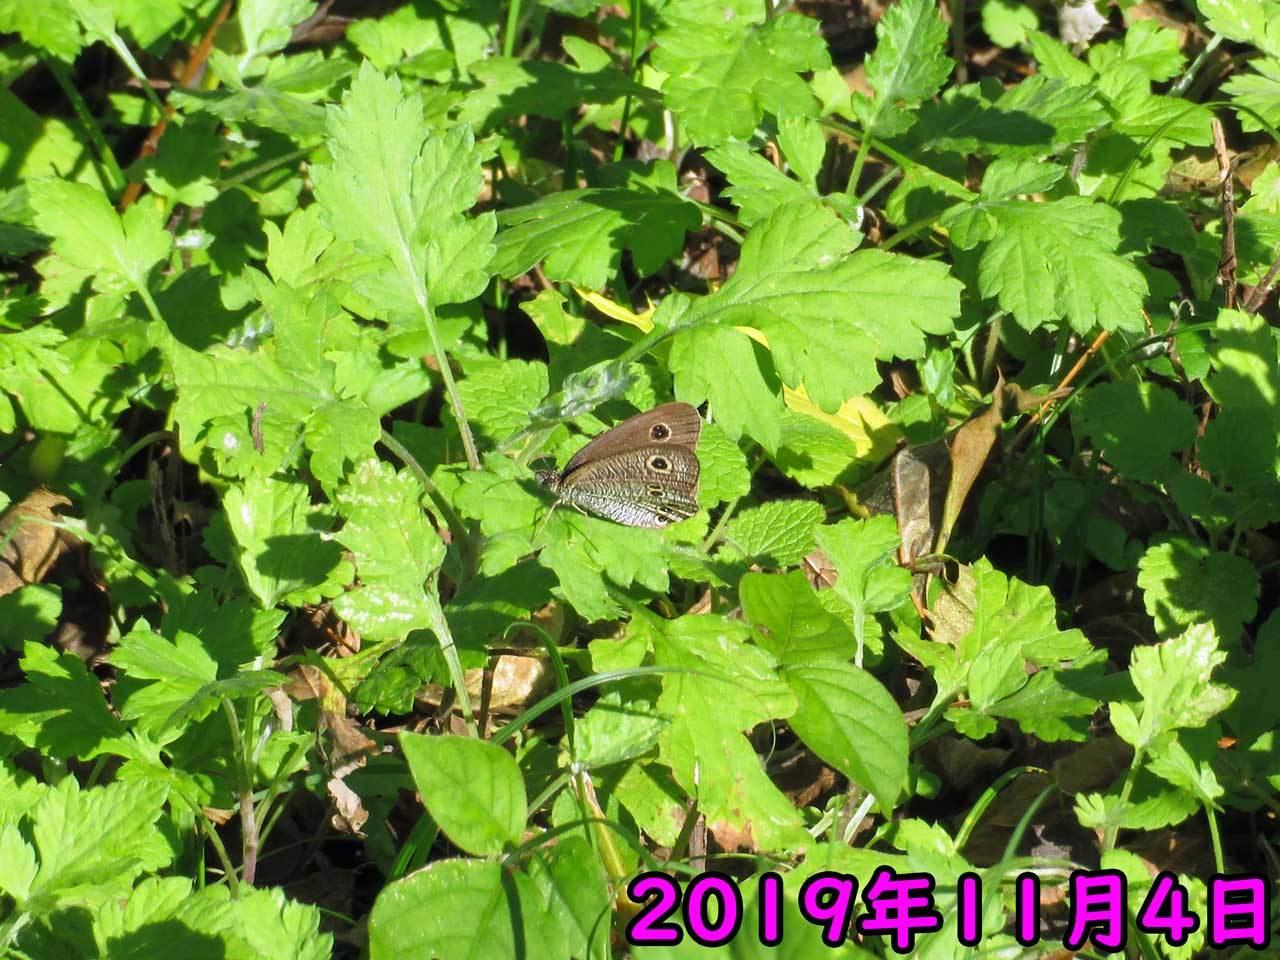 11月のヒメウラナミジャノメ_e0253104_16112829.jpg